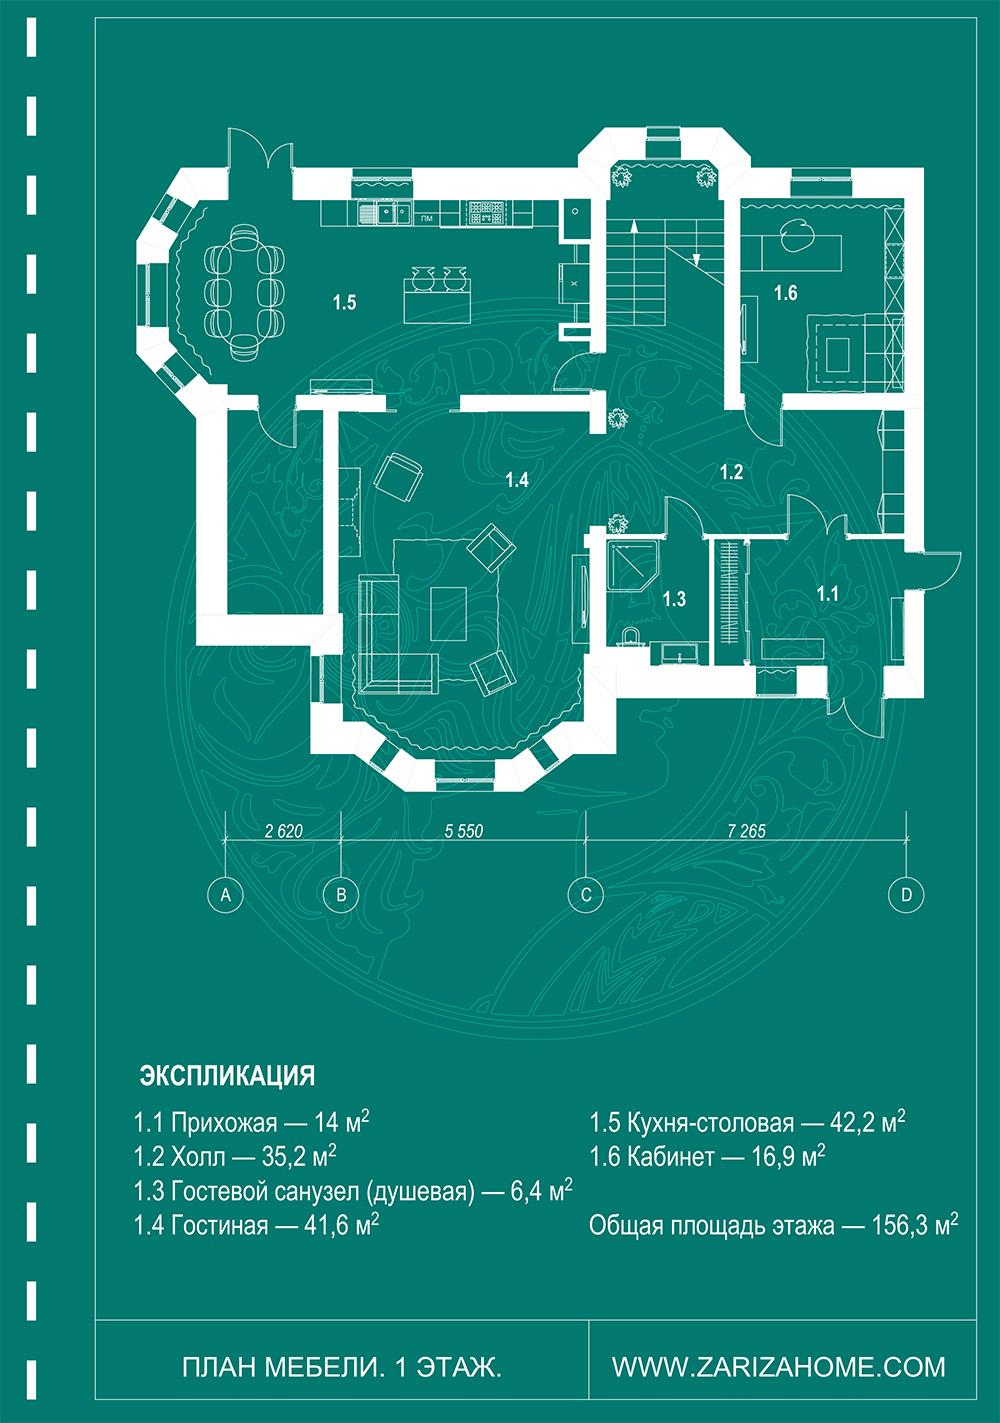 планировка 1 этажа частного дома